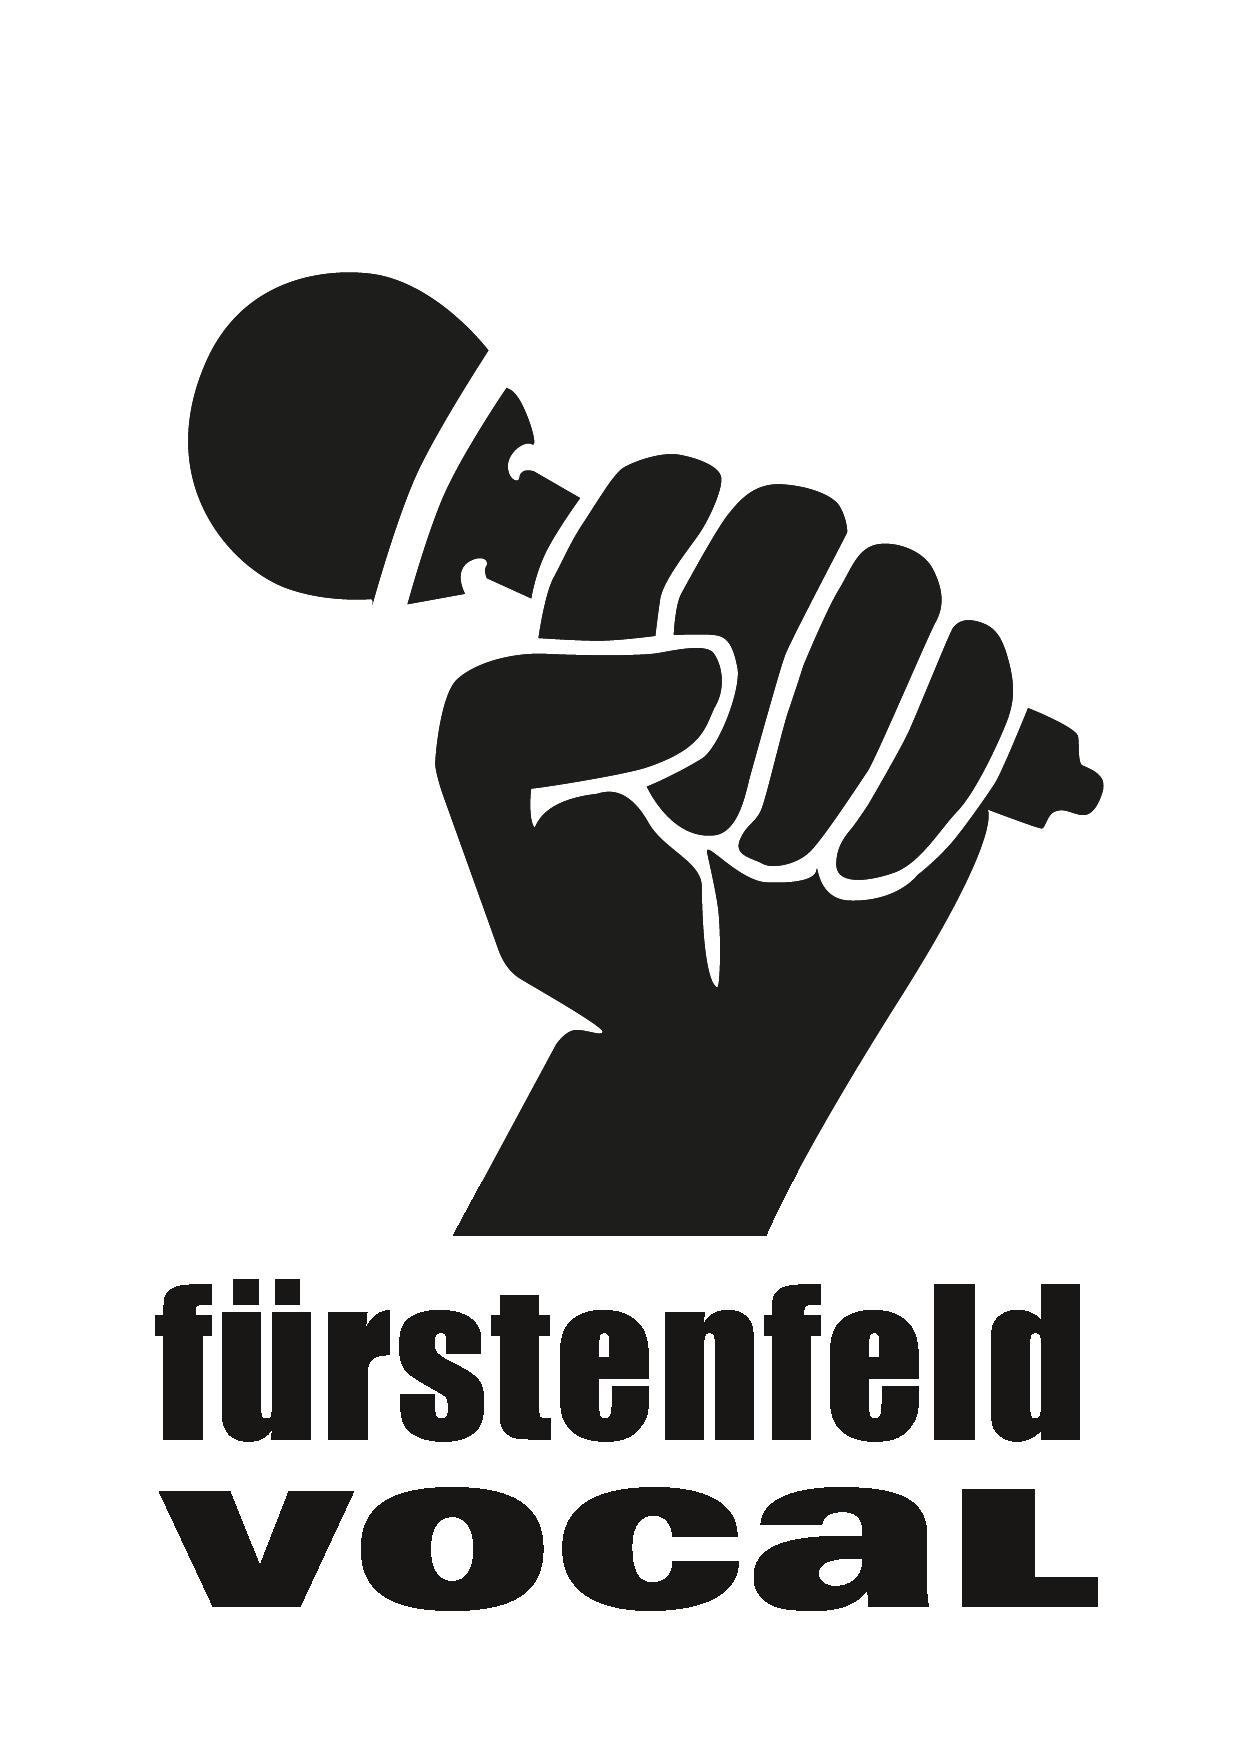 FürstenfeldVocal